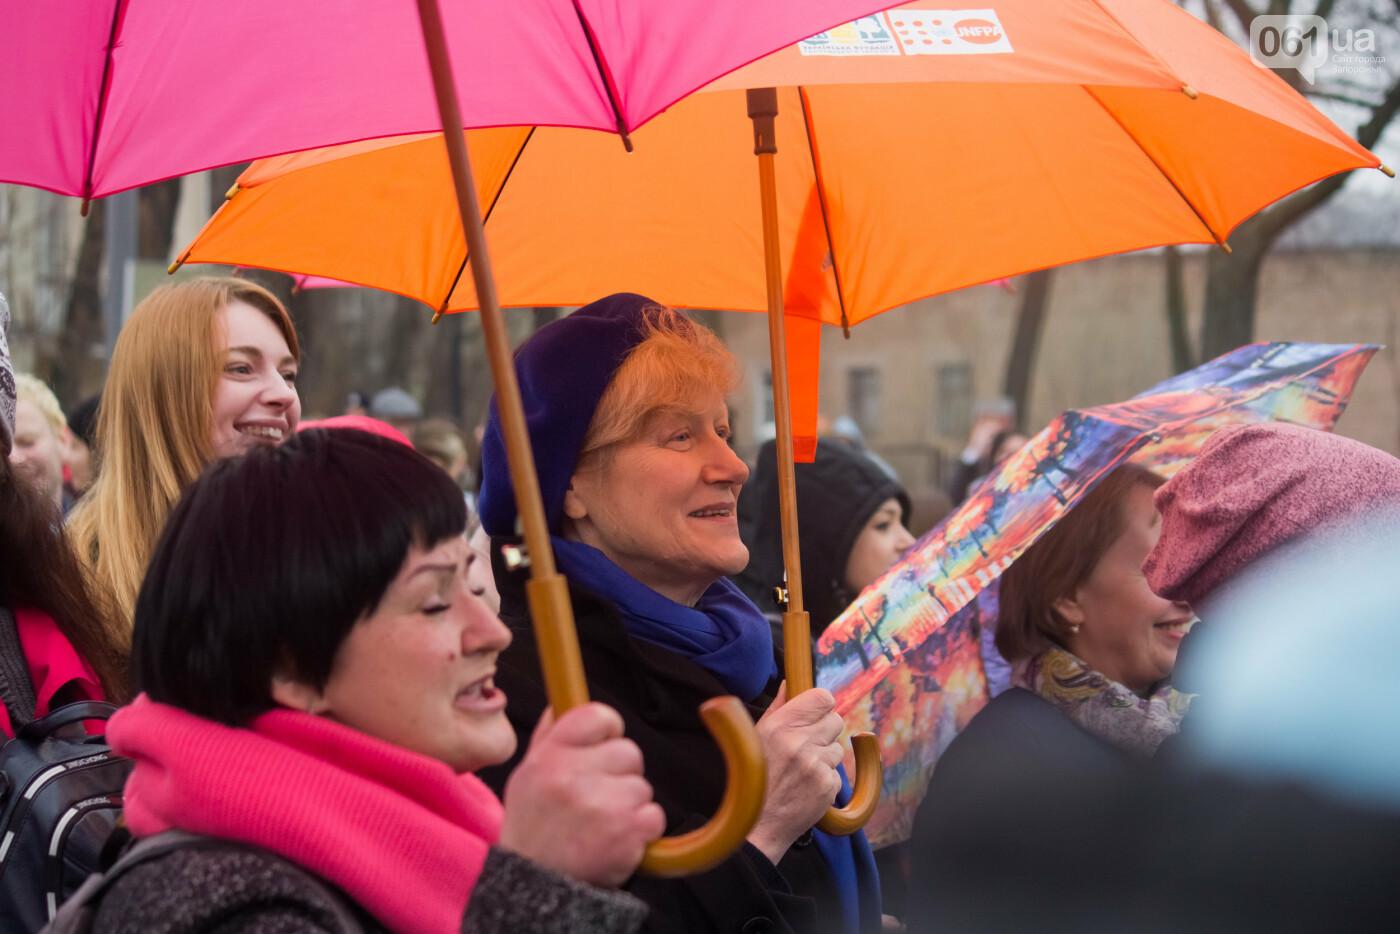 5 историй запорожцев, которые вышли на Марш женщин в Киеве: почему для них это важно, - ФОТОРЕПОРТАЖ, фото-6